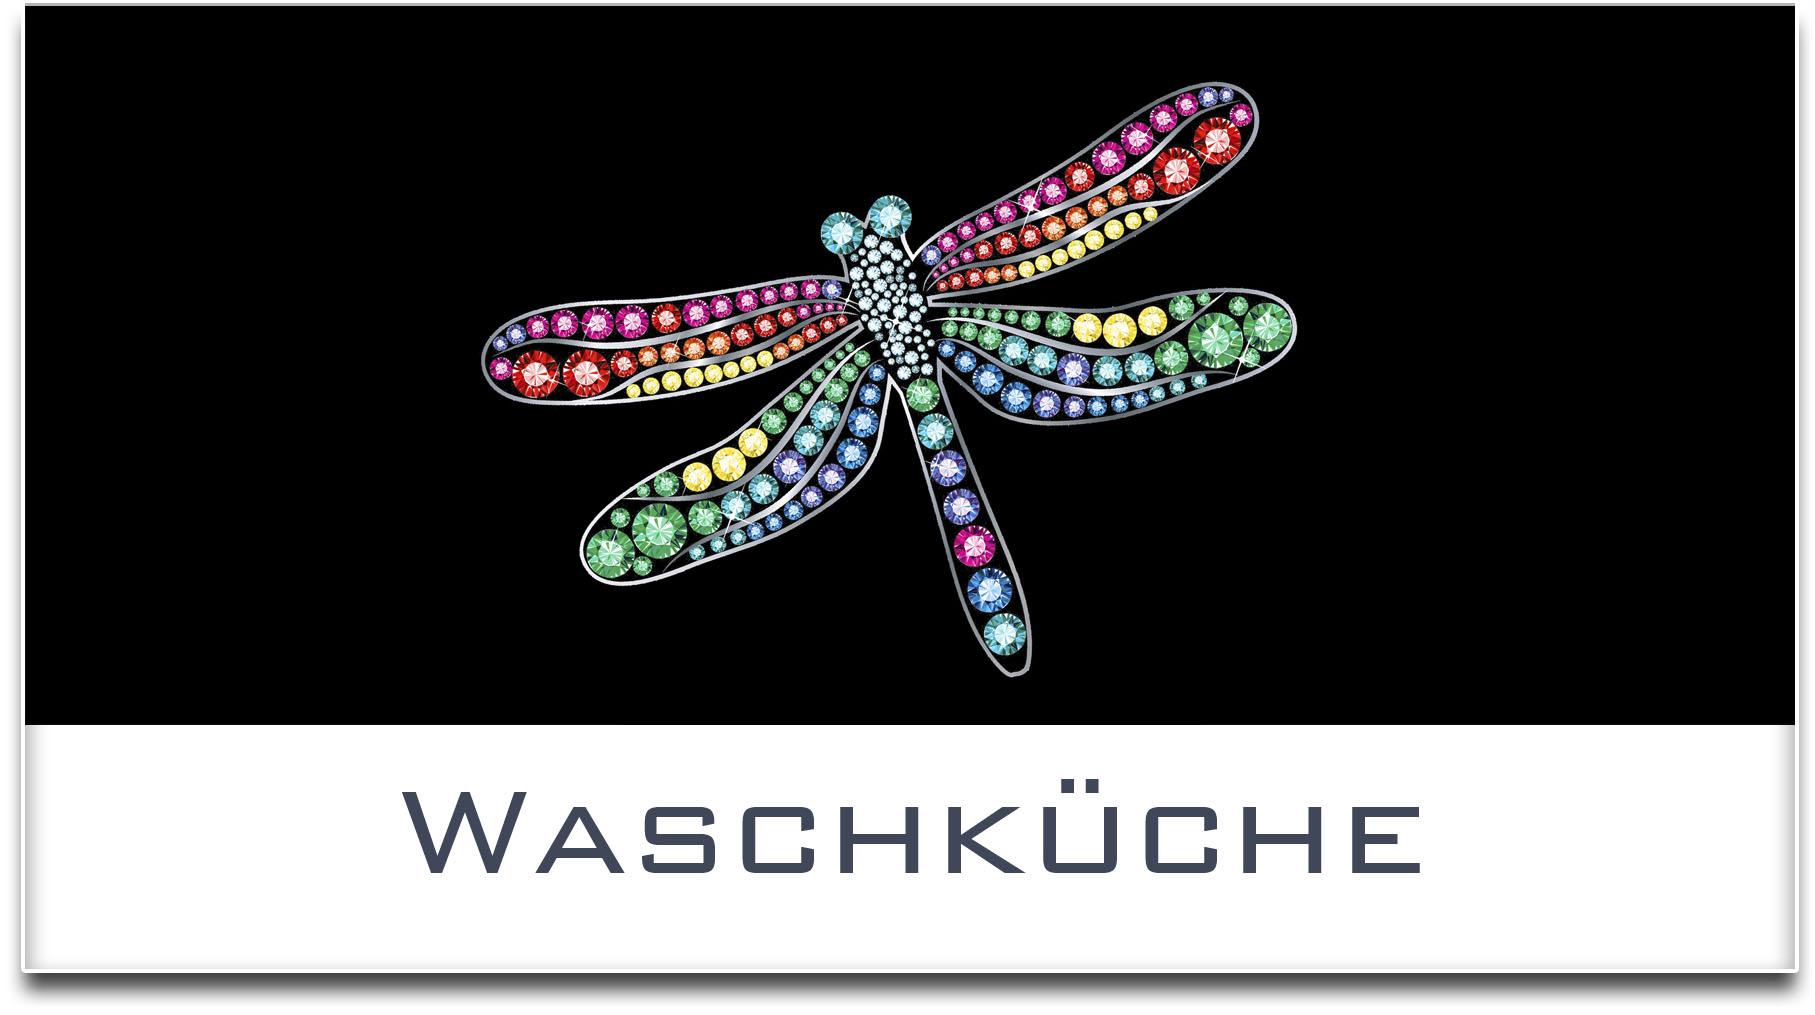 Türschild / Haustürschild / Libelle / Waschküche / Selbstklebend